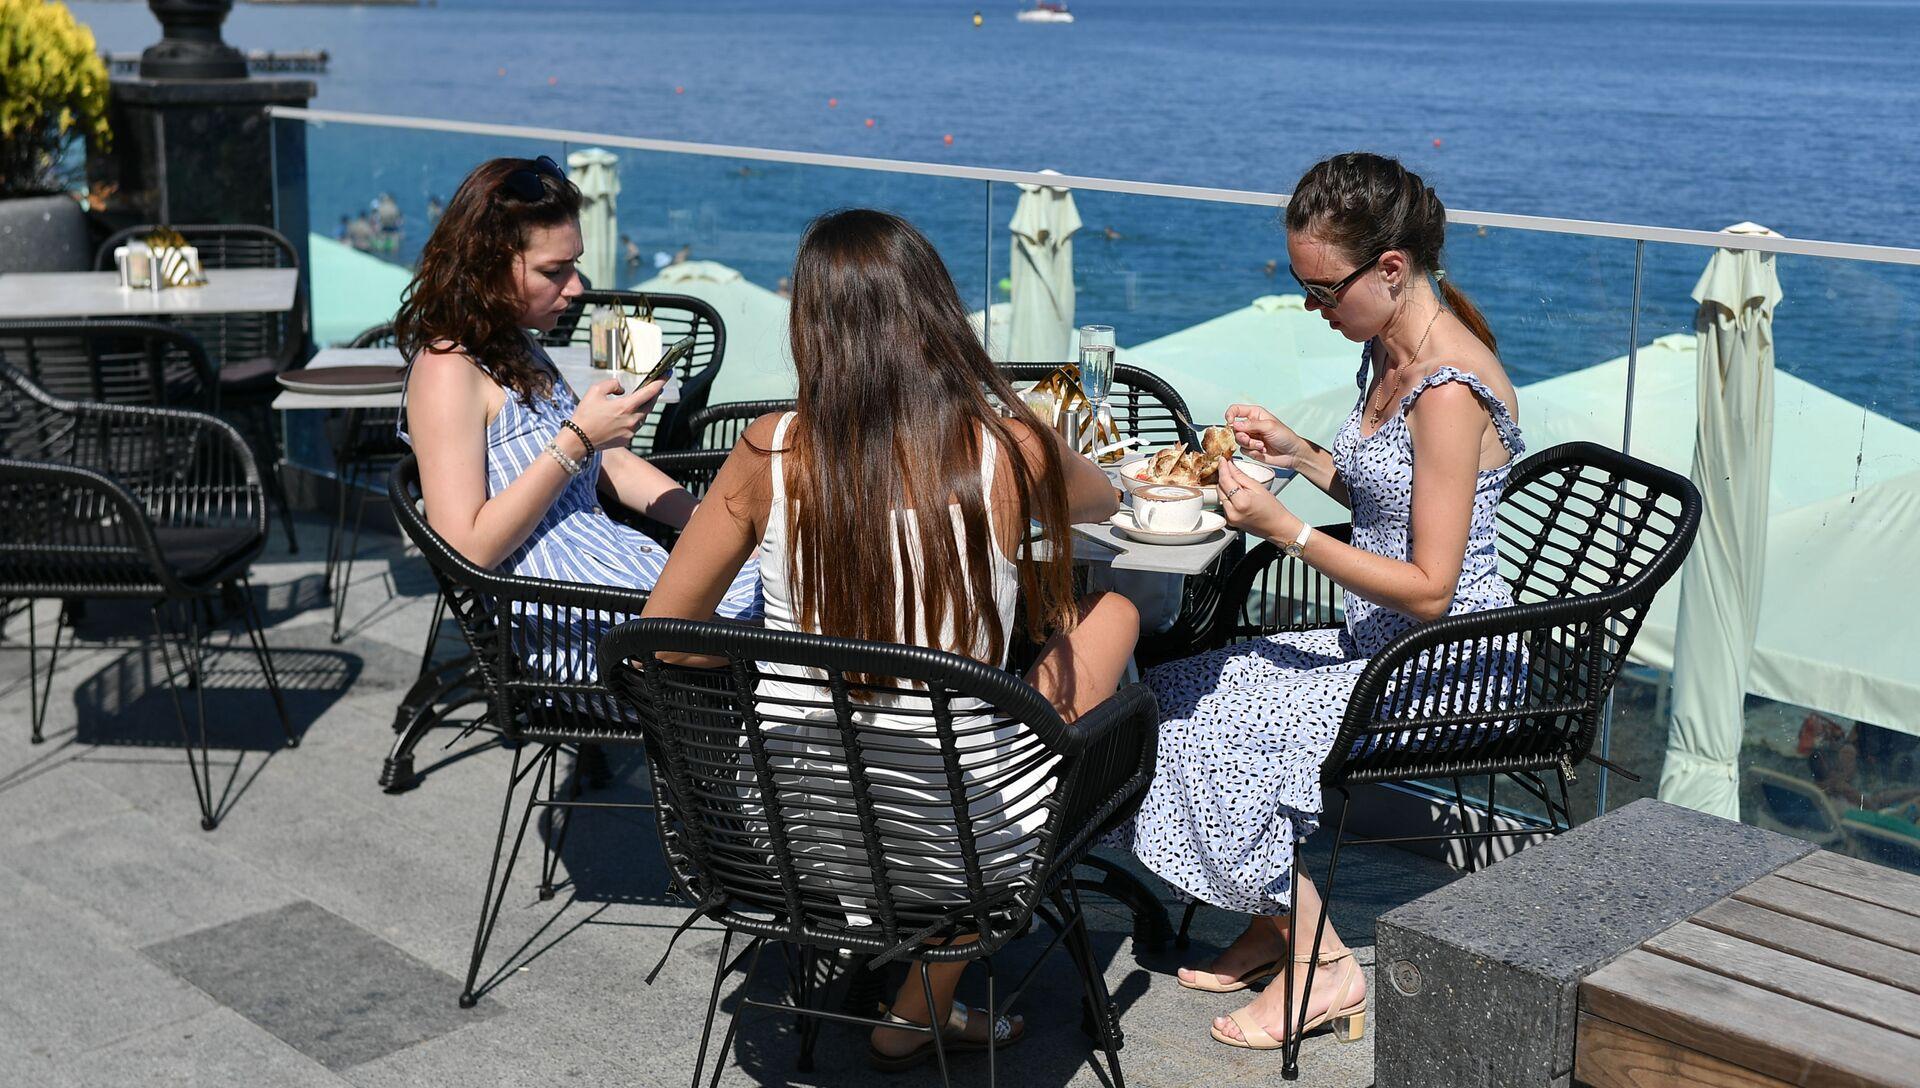 Отдыхающие в кафе на берегу Черного моря в Ялте - РИА Новости, 1920, 16.06.2021